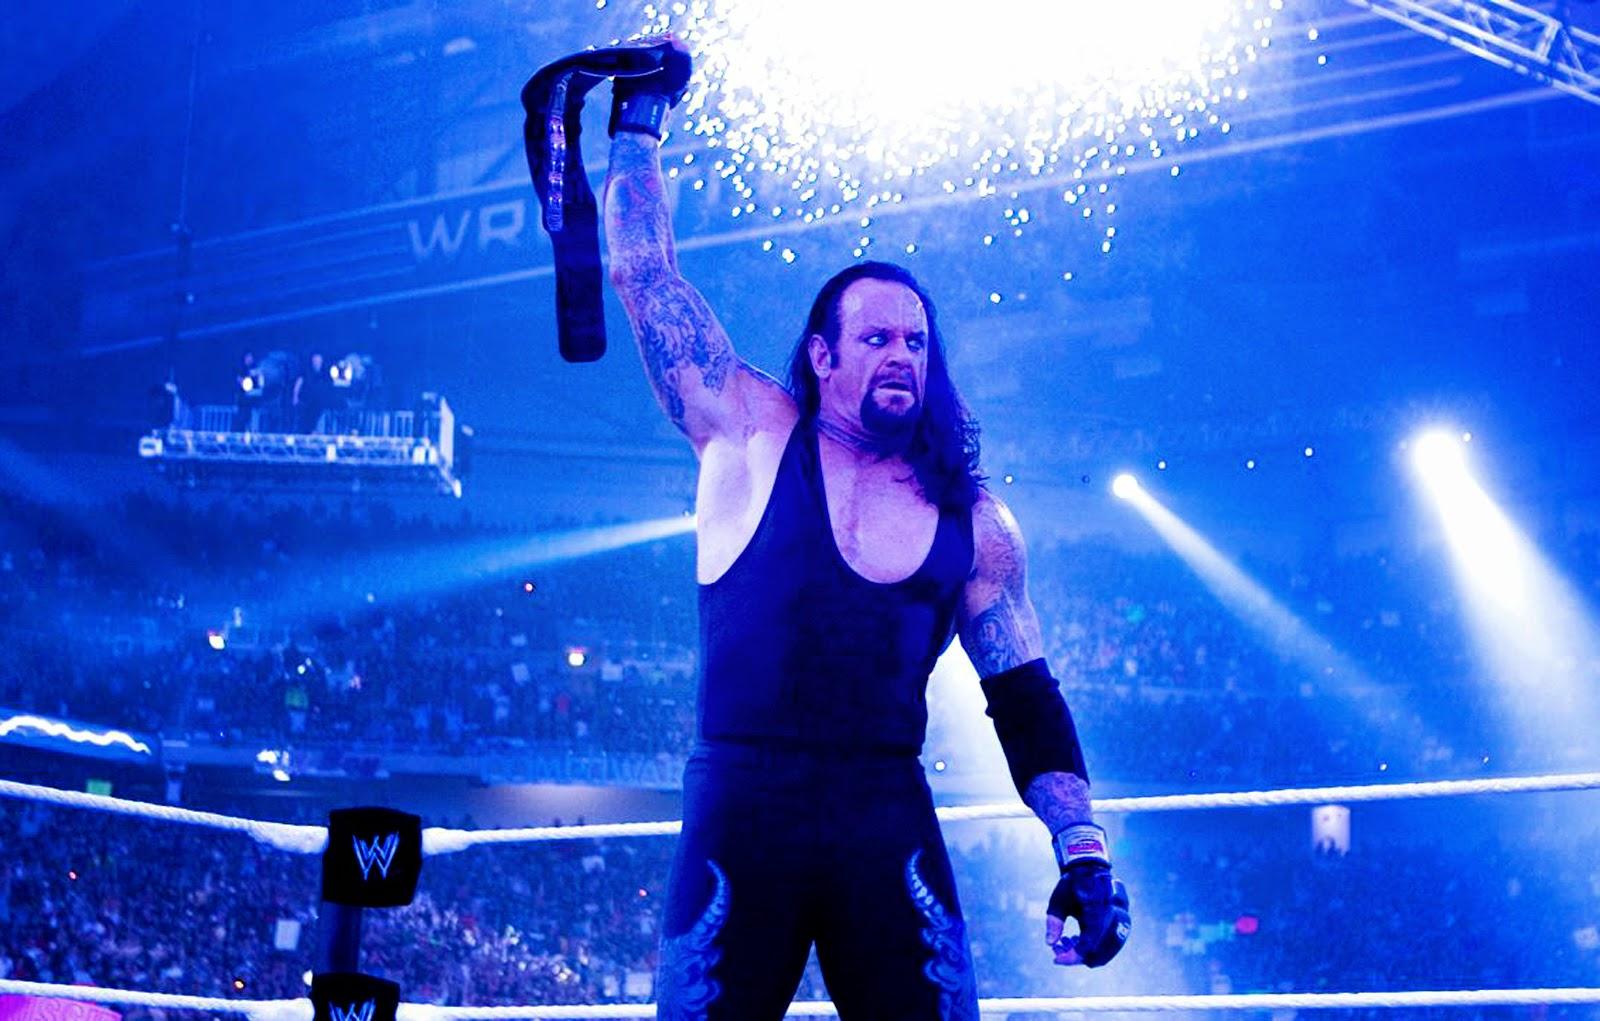 Kane Wwe Latest Hd Wallpaper 2013 14: Undertaker Hd Wallpapers